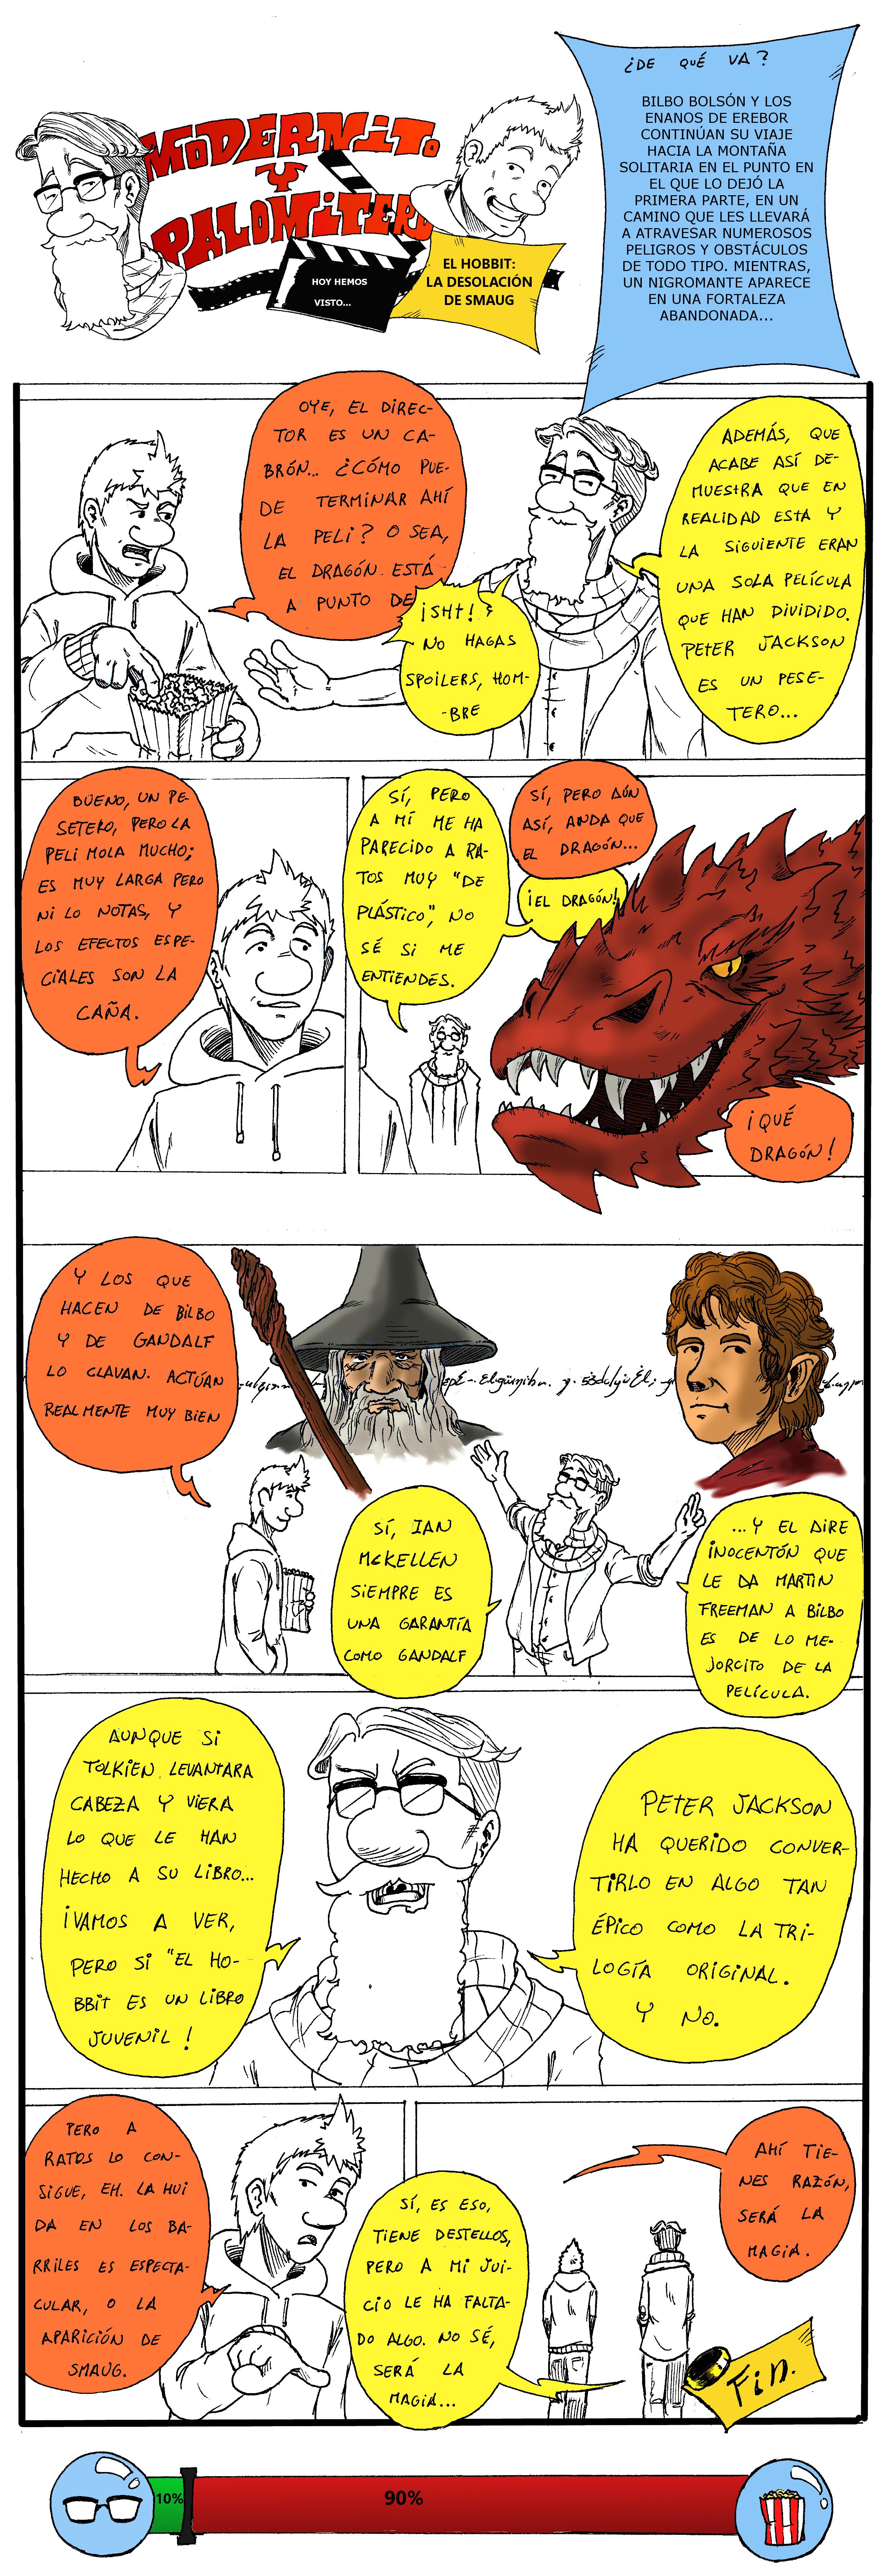 """""""El Hobbit: La Desolación de Smaug"""", dirigida por Peter Jackson"""